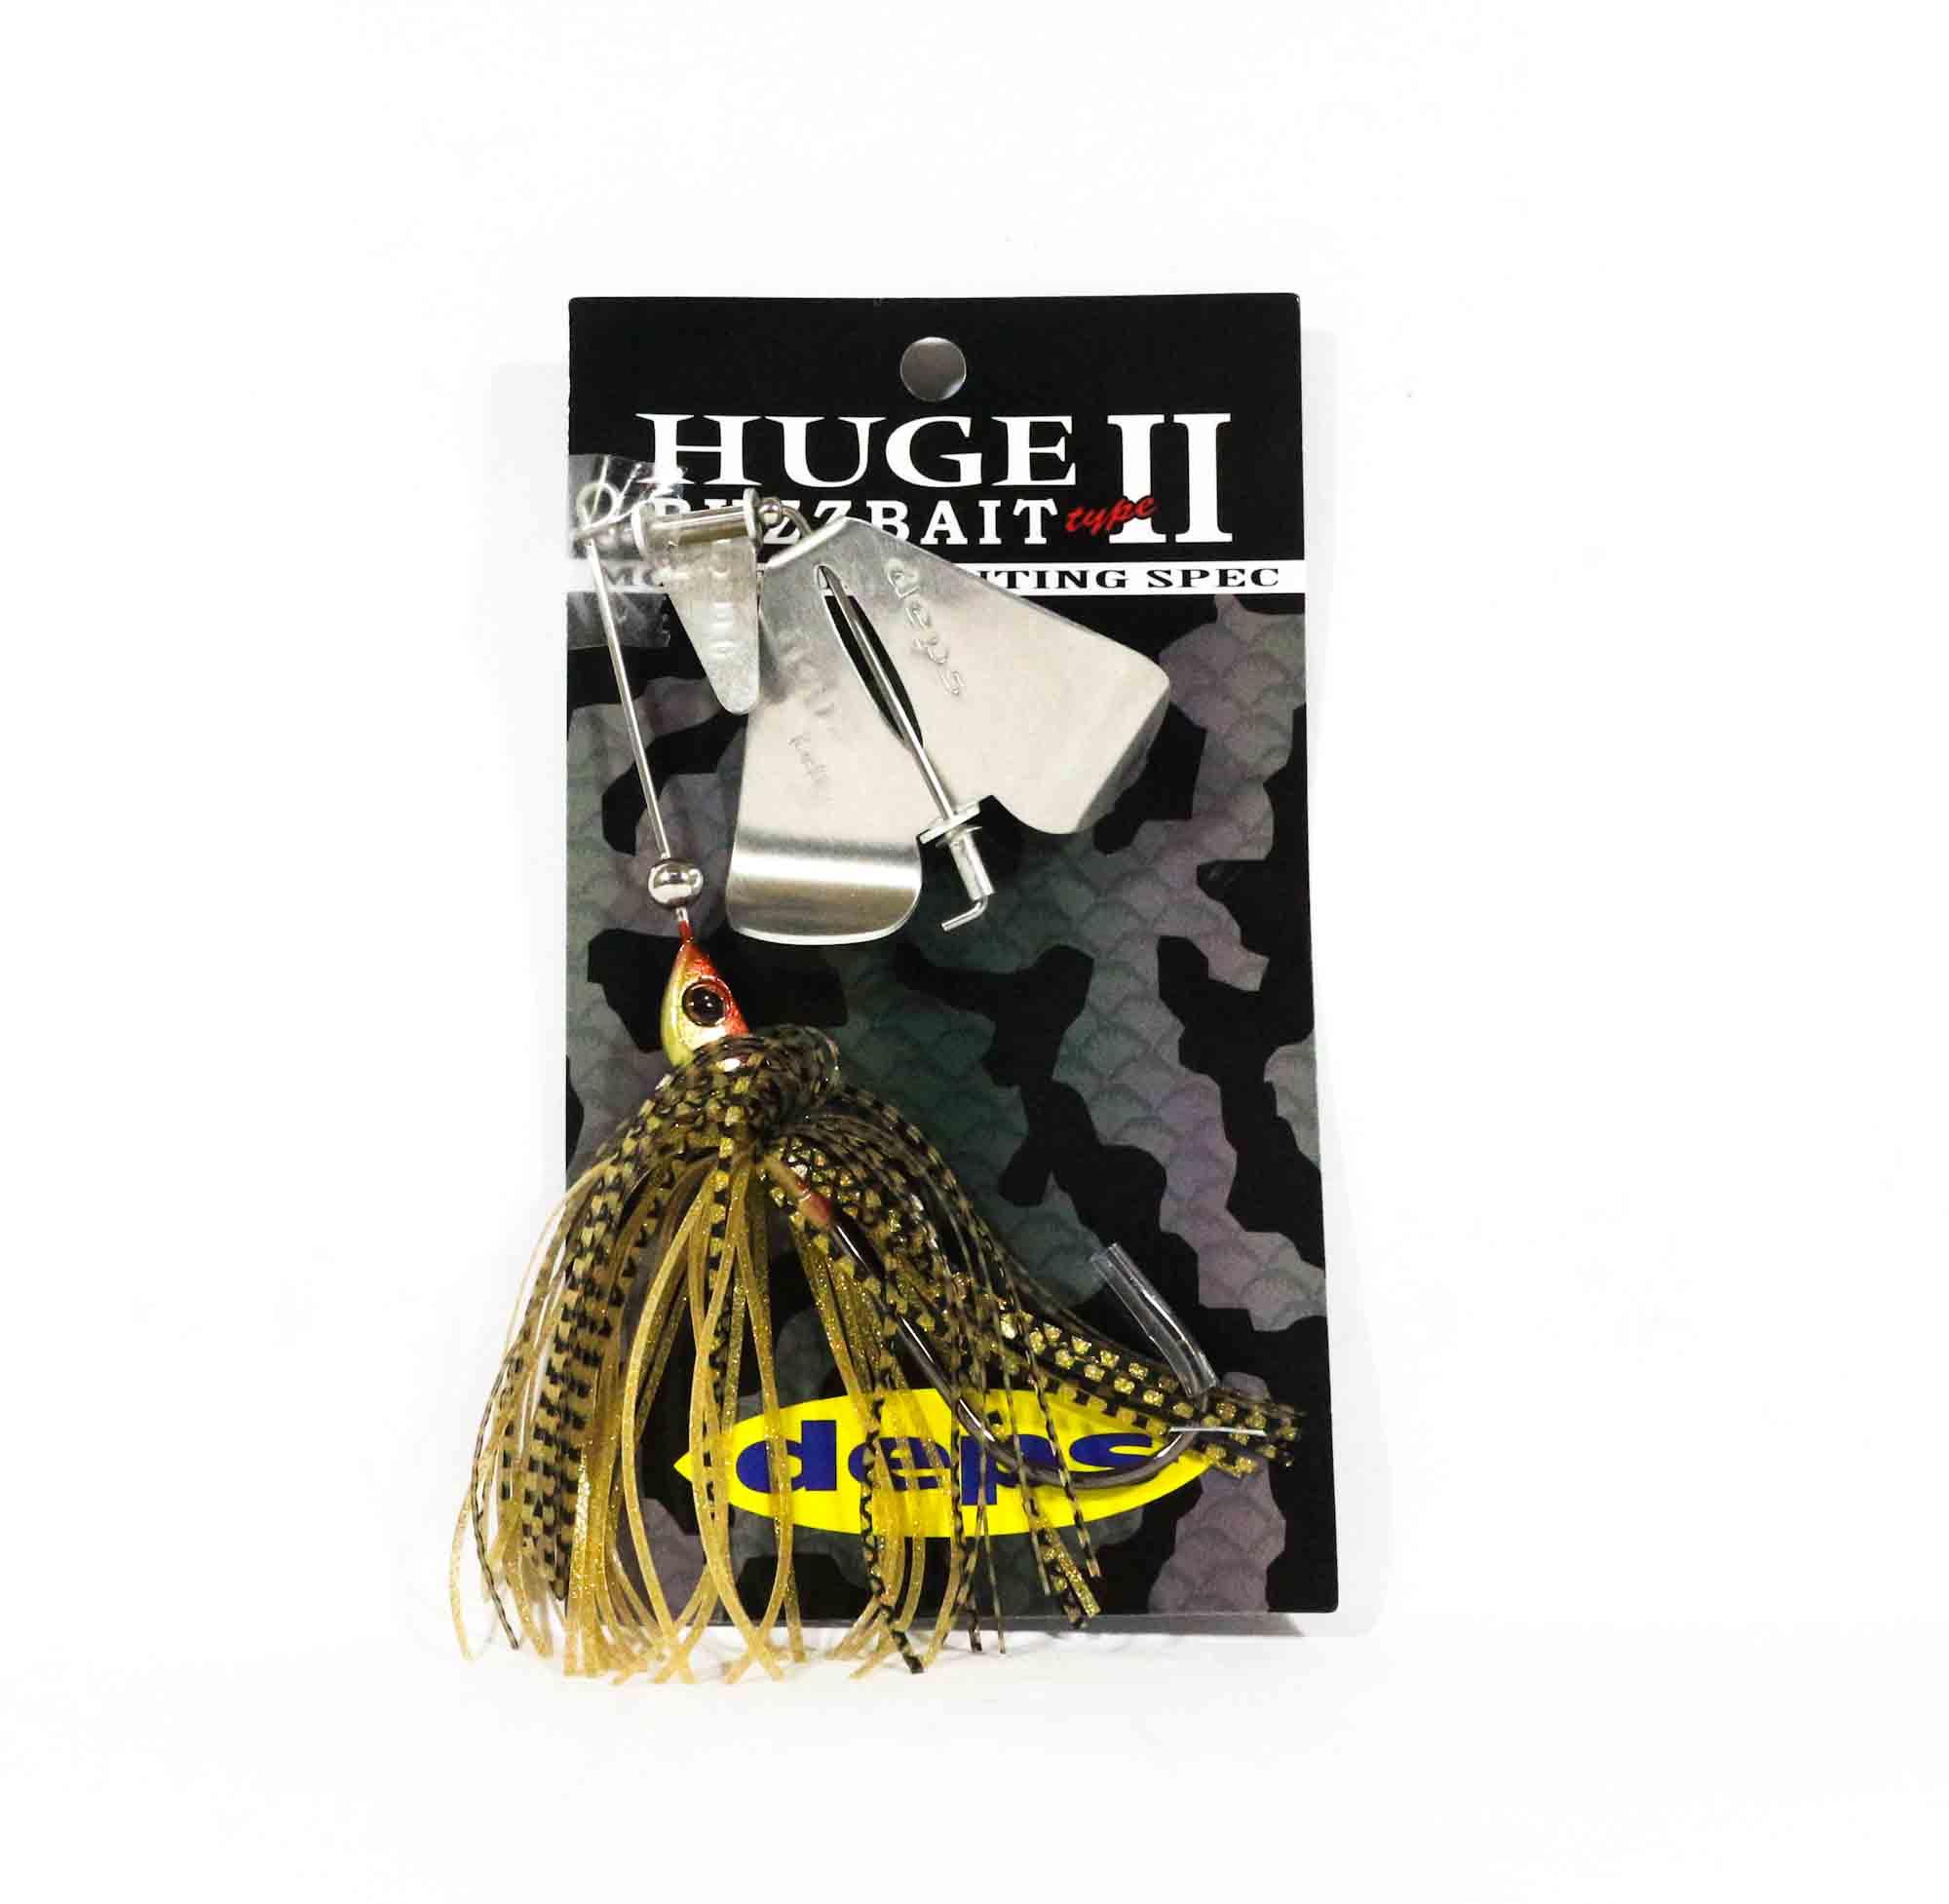 Deps Huge Custom Buzz Bait Type II 1/2 oz Hook Size 9/0 01 (3013)